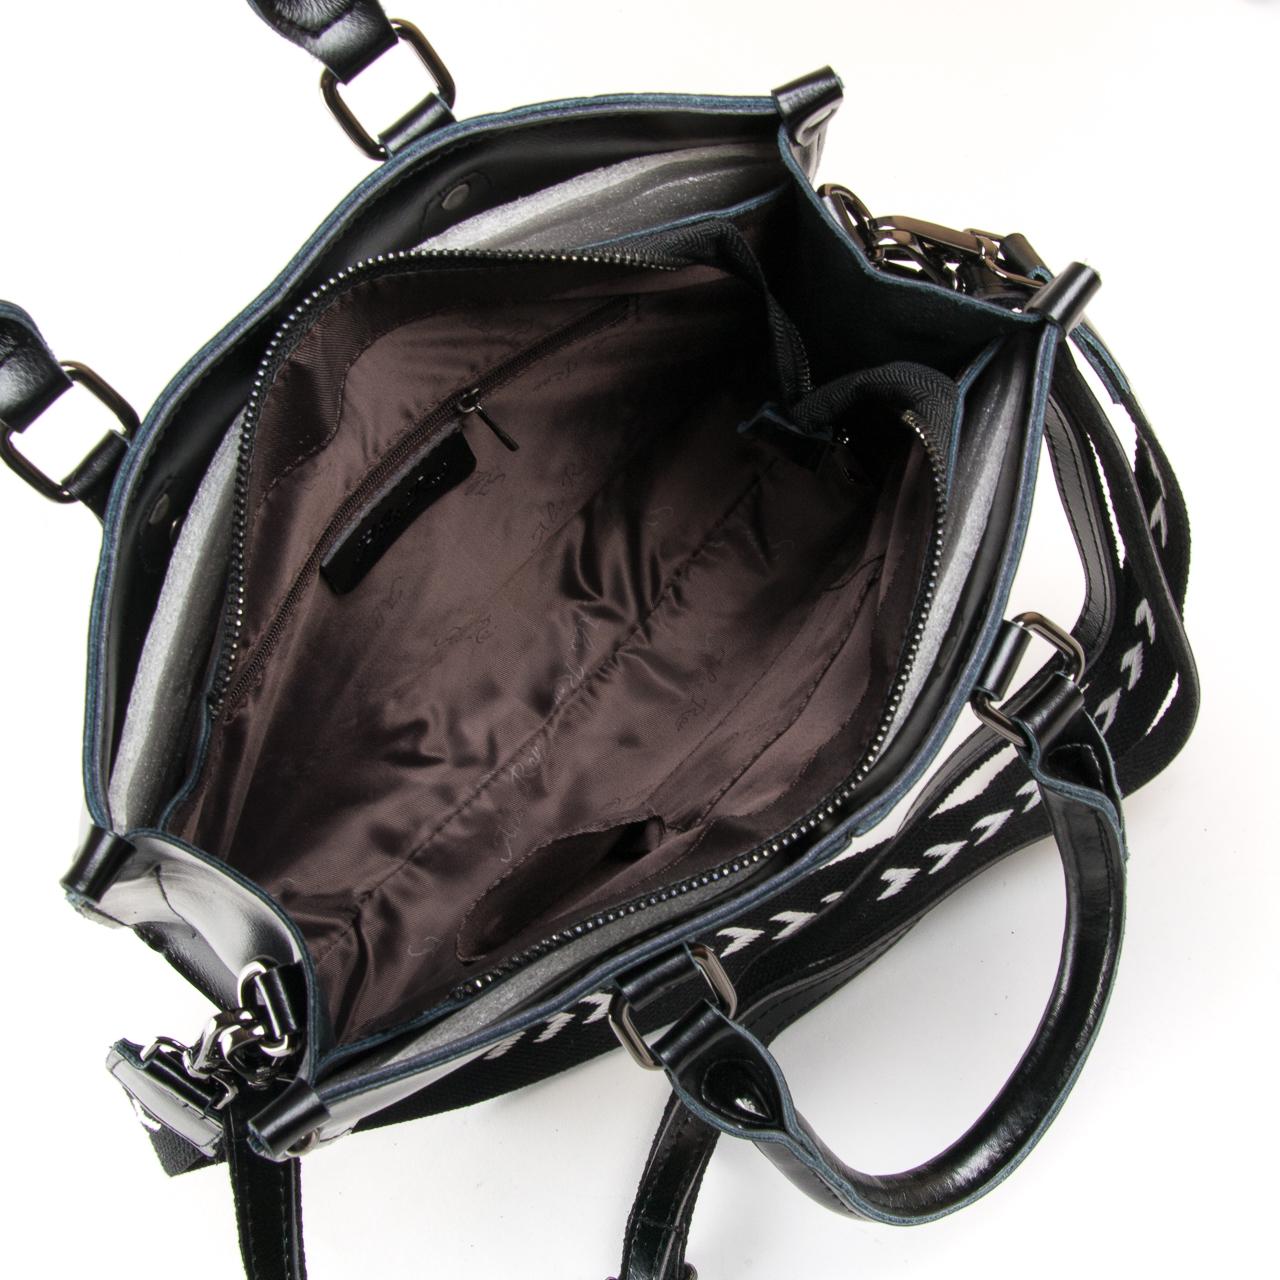 Сумка Женская Классическая кожа ALEX RAI 9-02 8802* black - фото 5